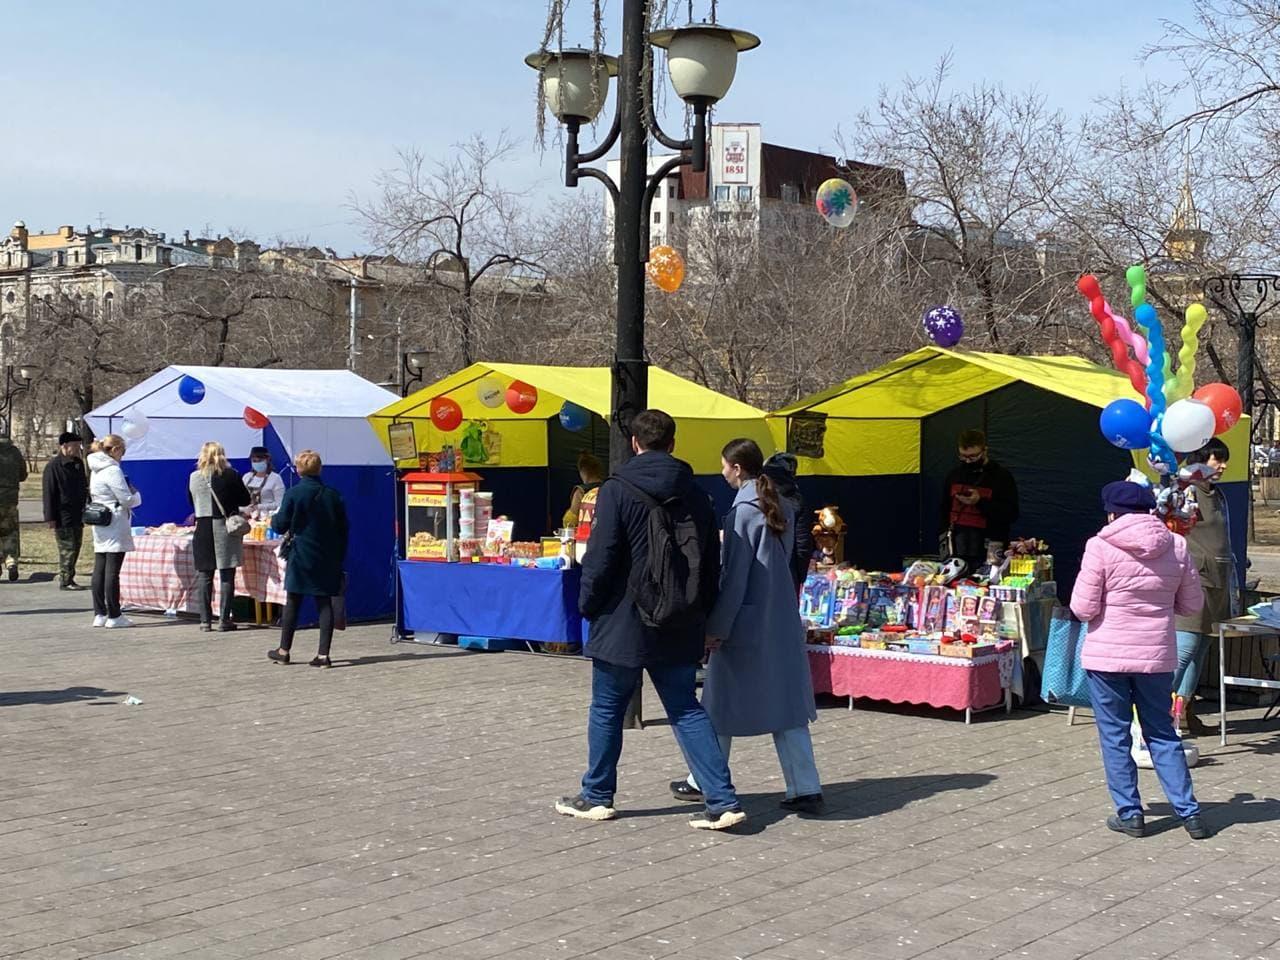 Концерт, прививка и спорт: анонс событий на центральной площади